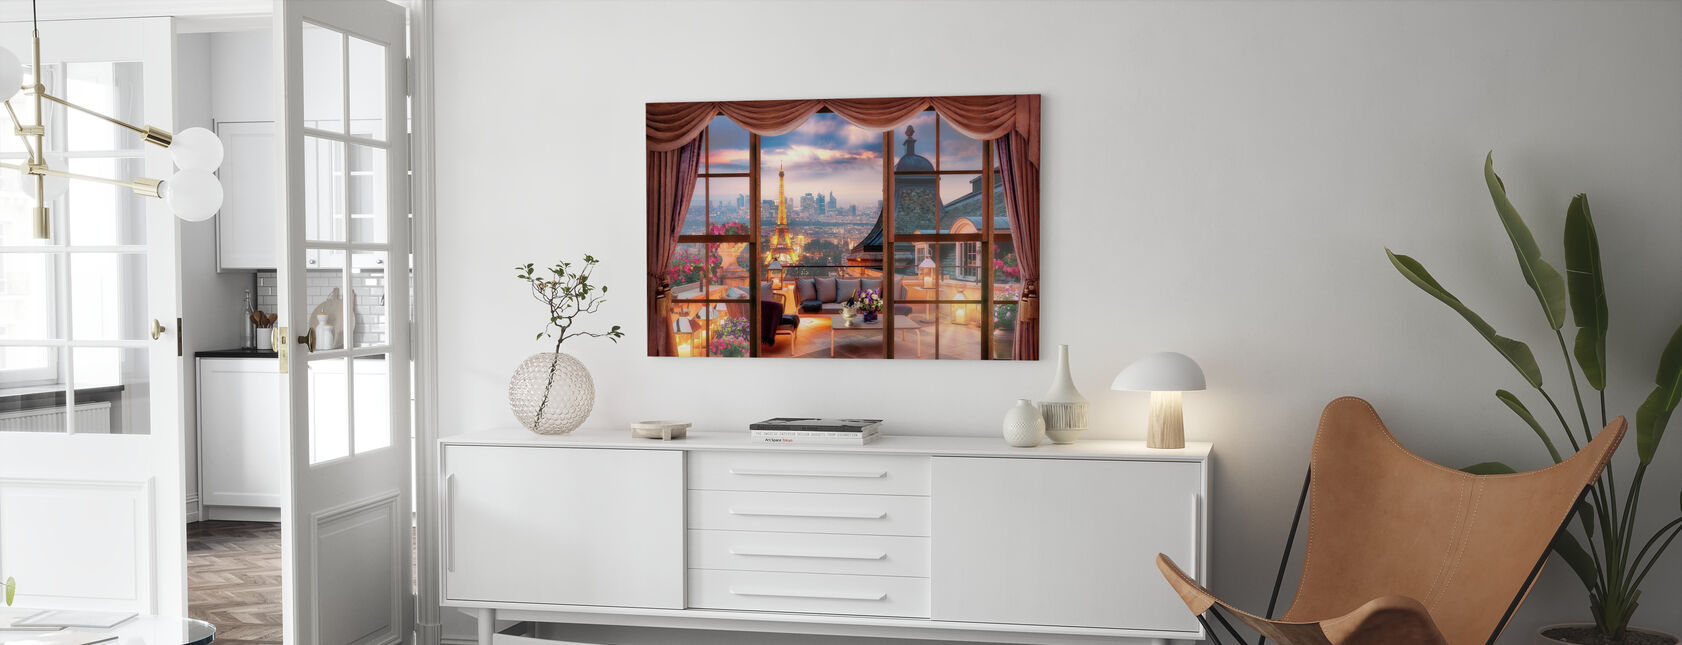 Utsikt över Paris - Canvastavla - Vardagsrum